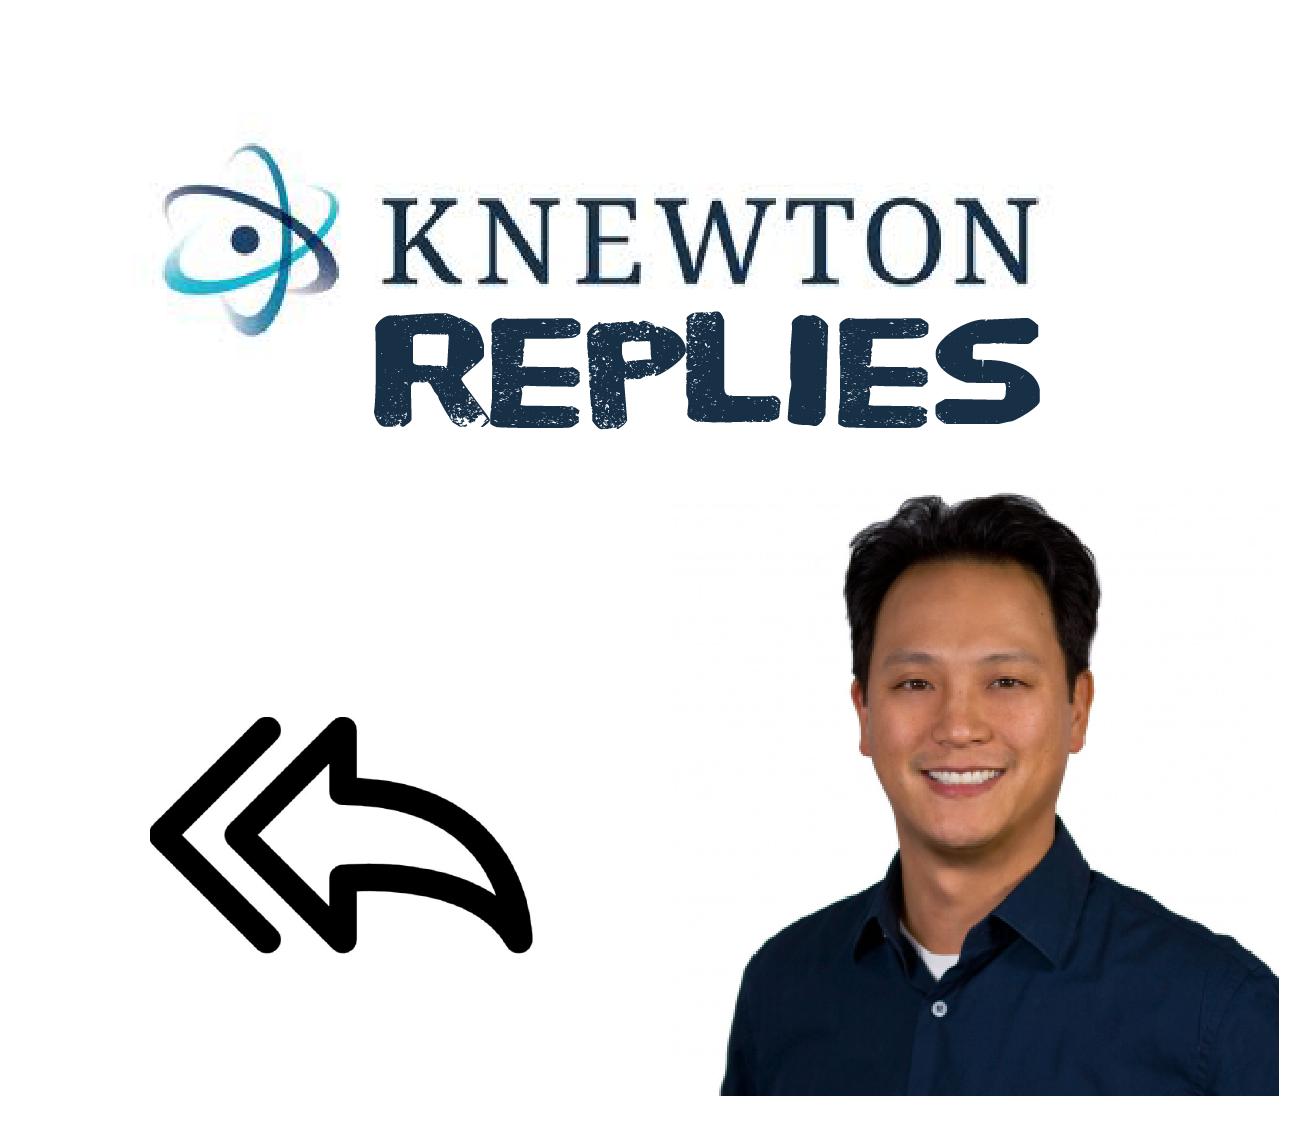 Knewton replies